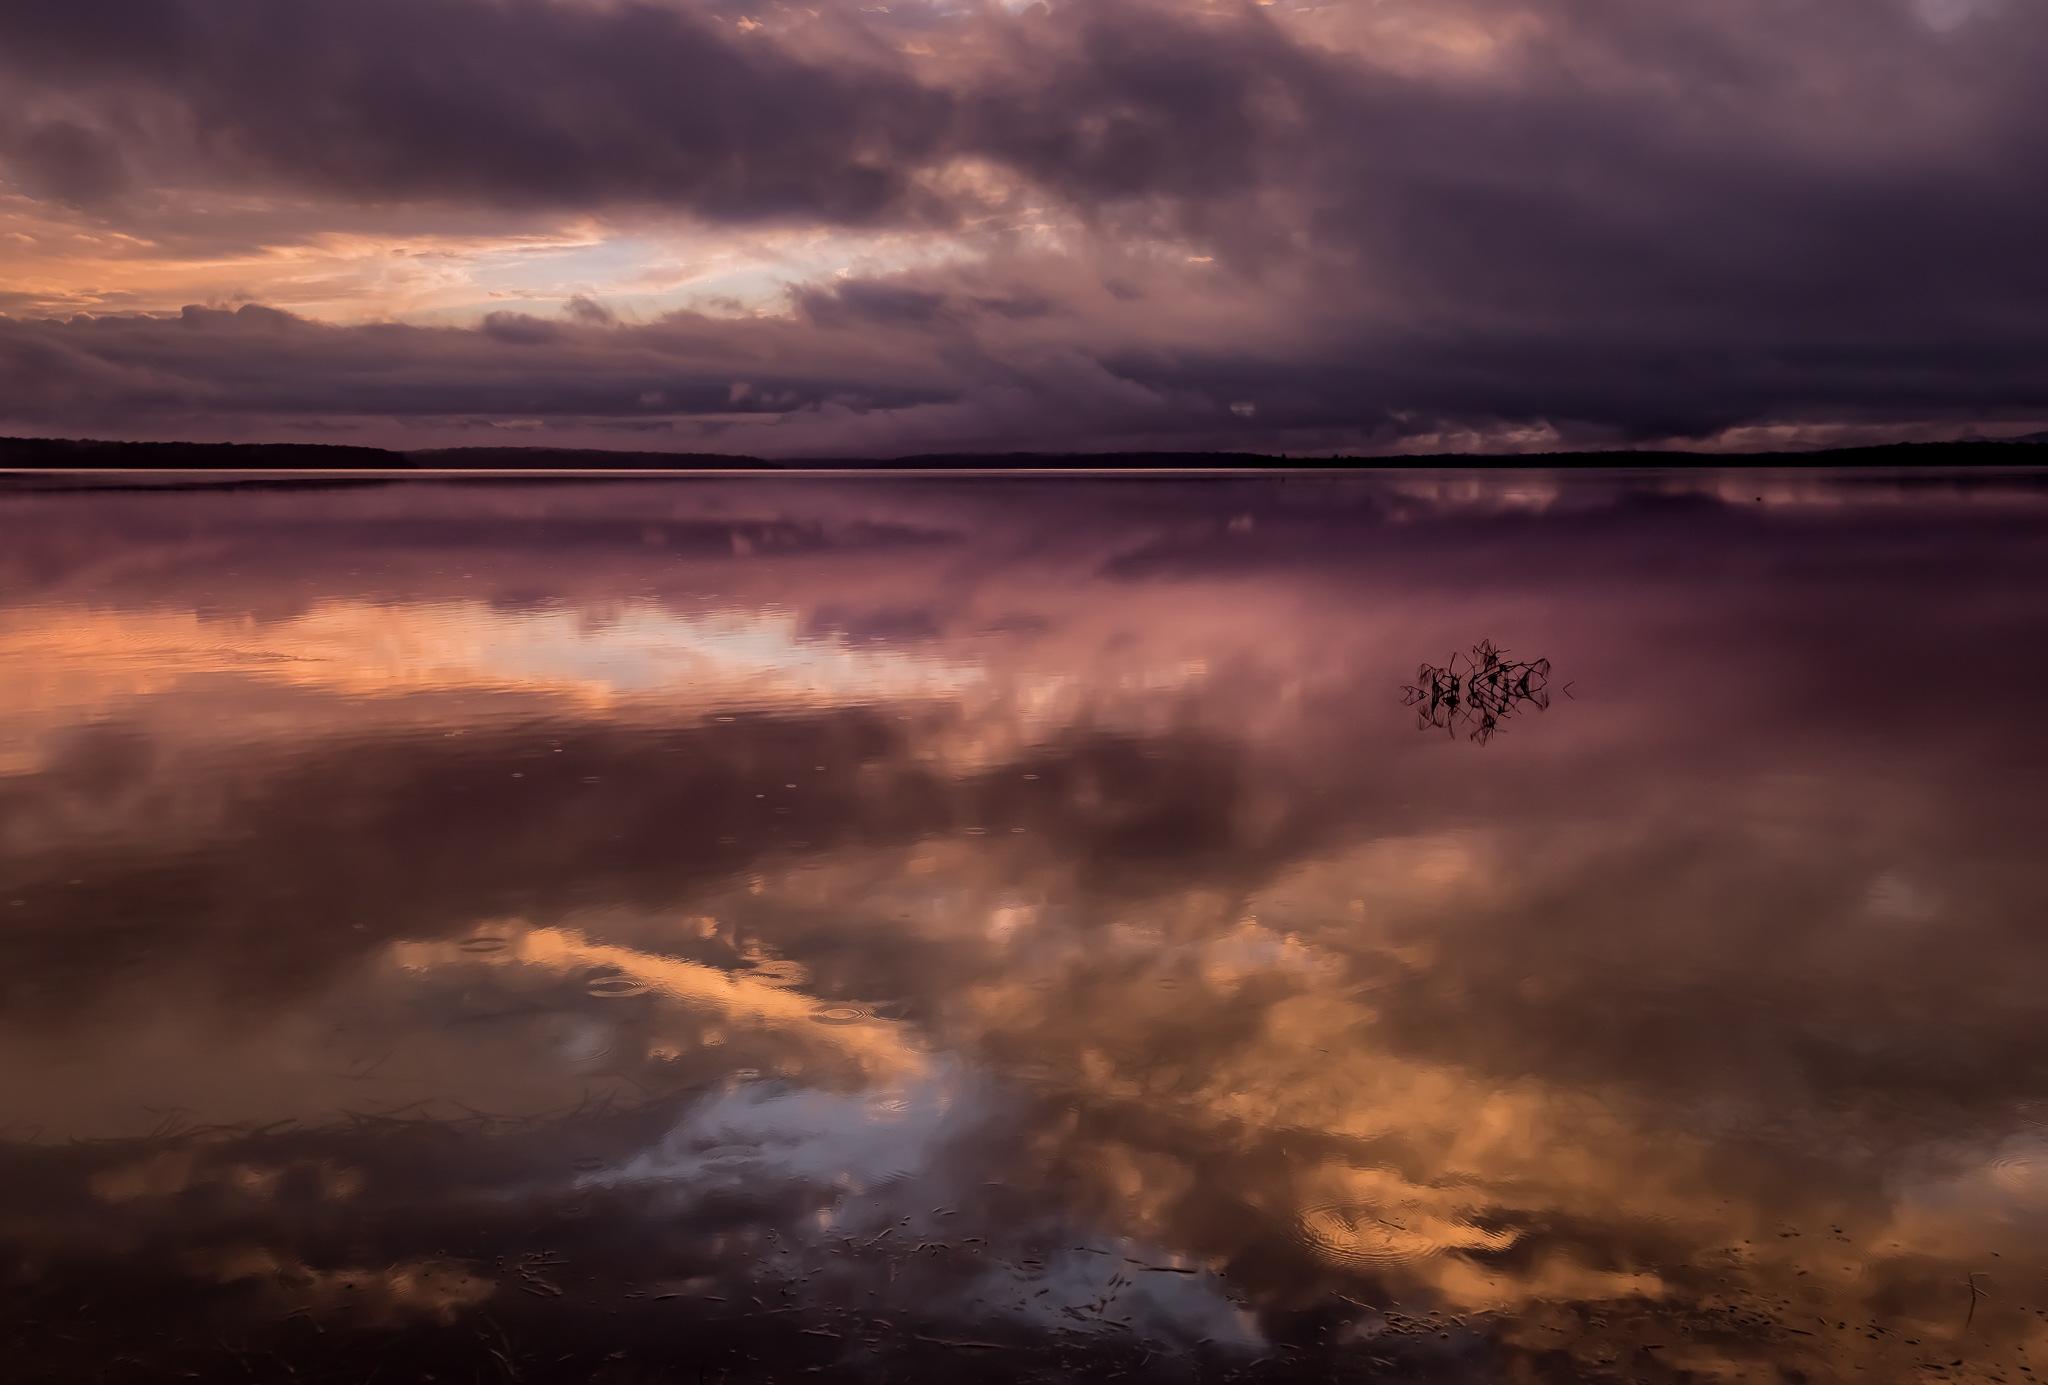 Sunset-3 by Trevor McKinnon